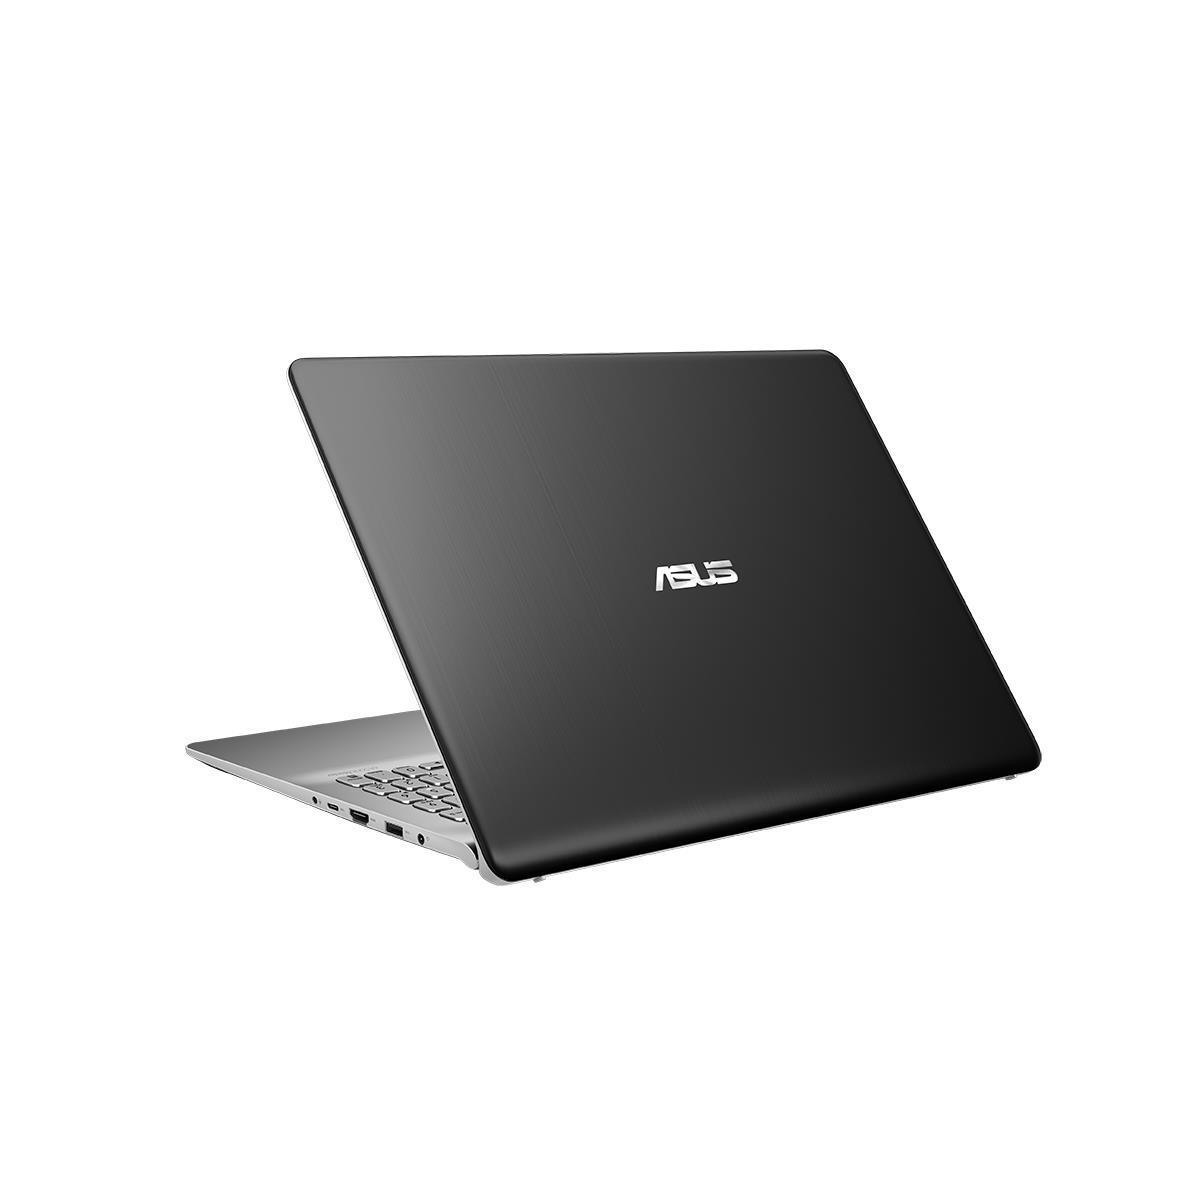 Nešiojamas kompiuteris Asus VivoBook S15 S530UA-BQ019T / 15,6